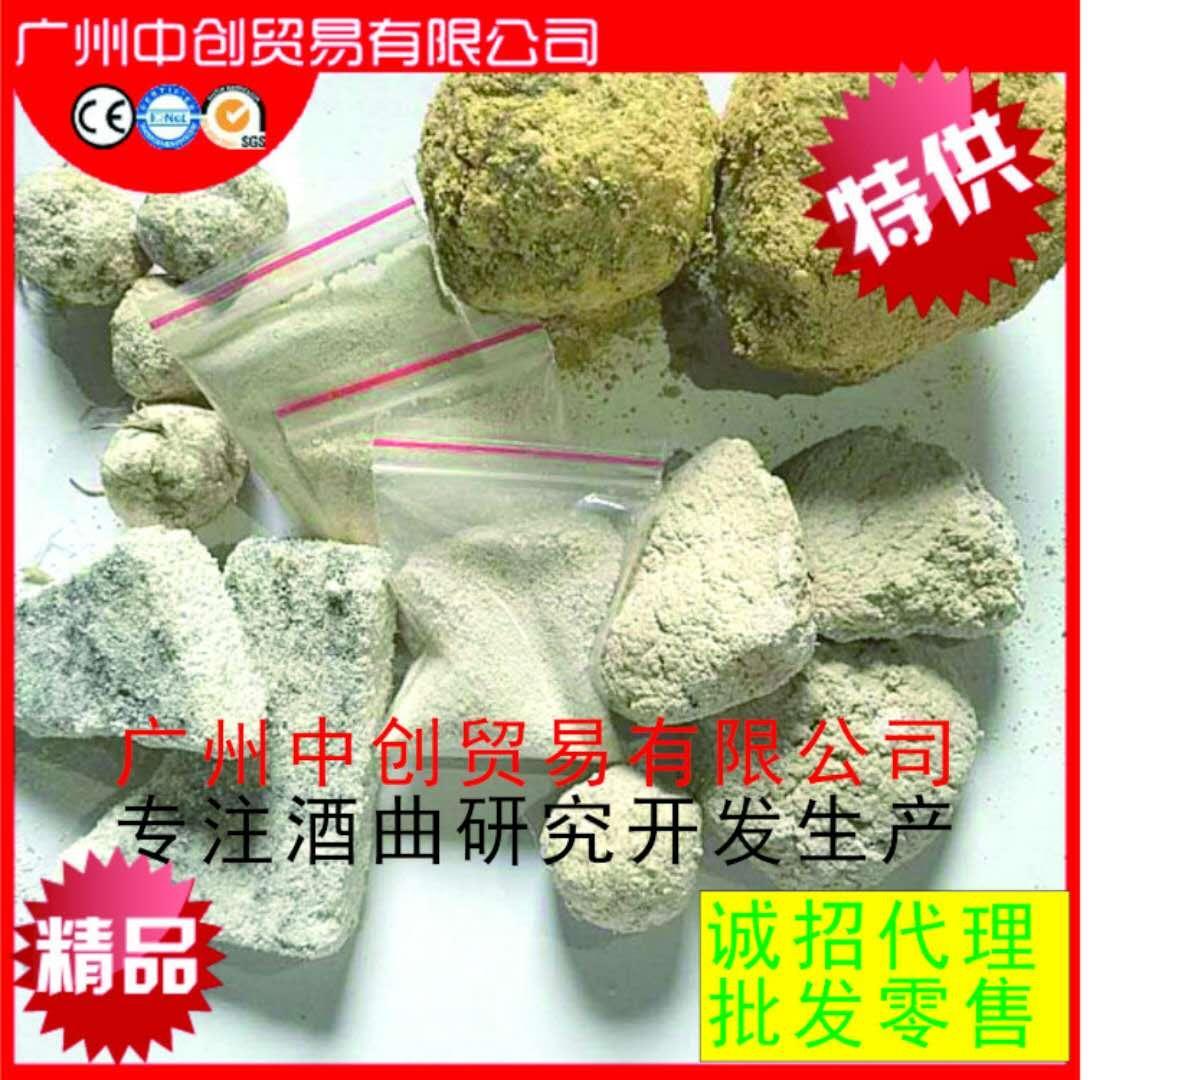 广州声誉好的甜酒曲供应商-阳江酒曲